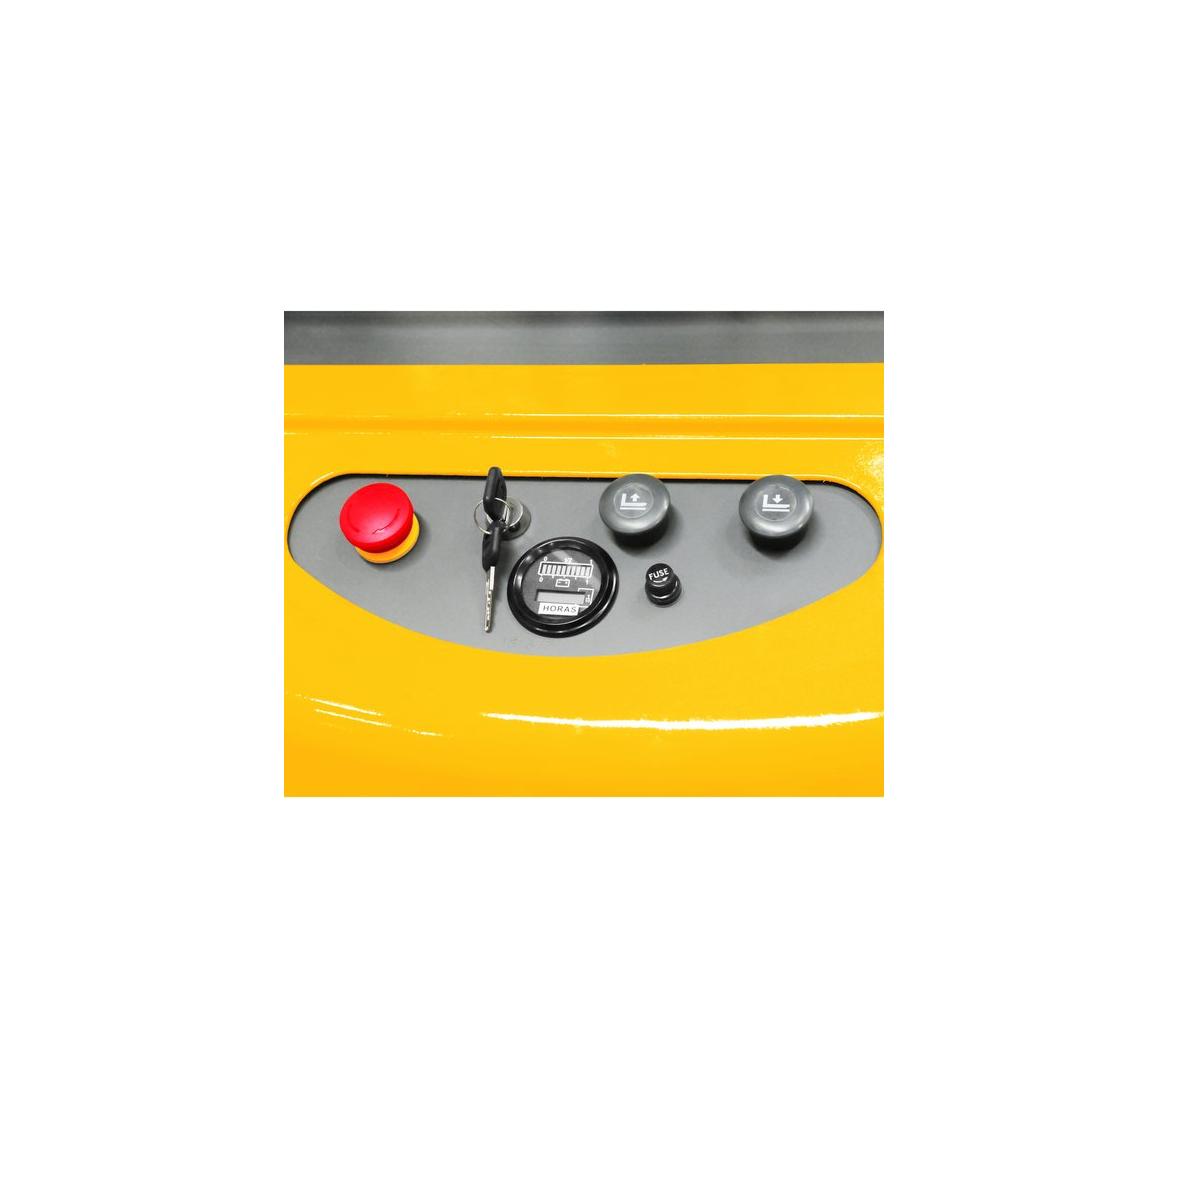 Empilhadeira semielétrica S/ bateria e carregador 1,5tf ESV1500 VONDER